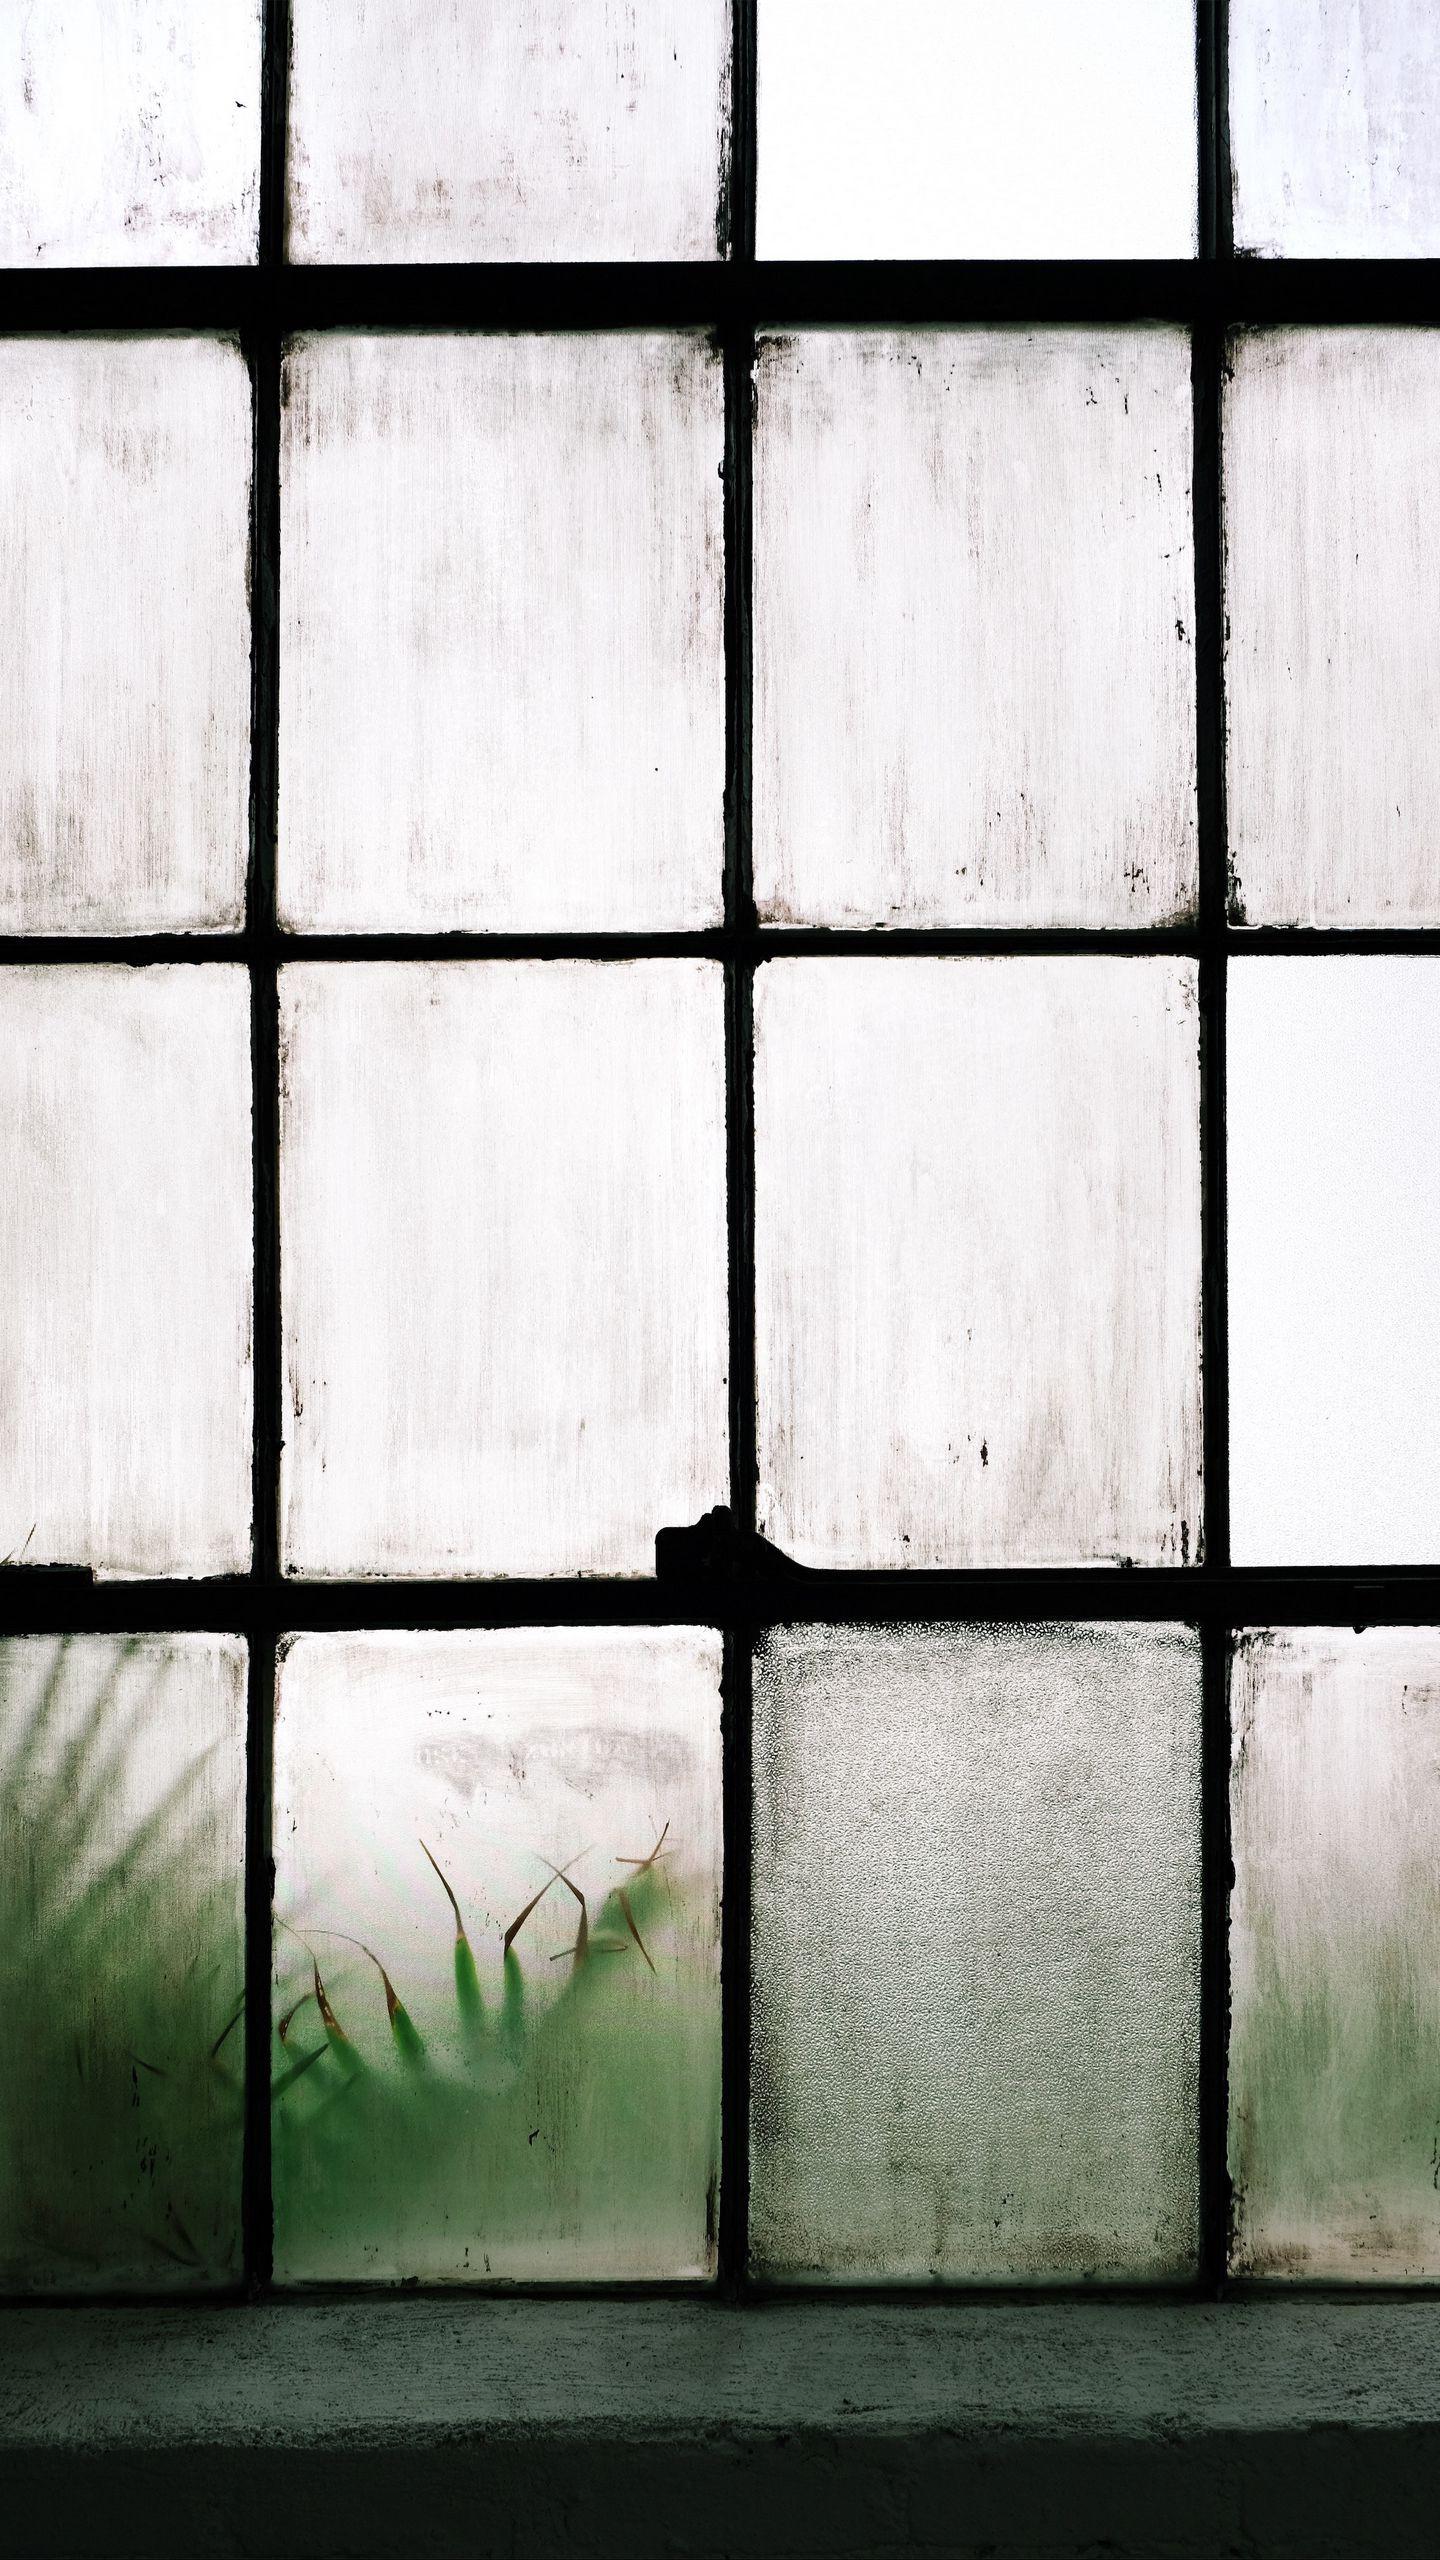 Обои Пейзаж, окно, стекло. Абстракции foto 11